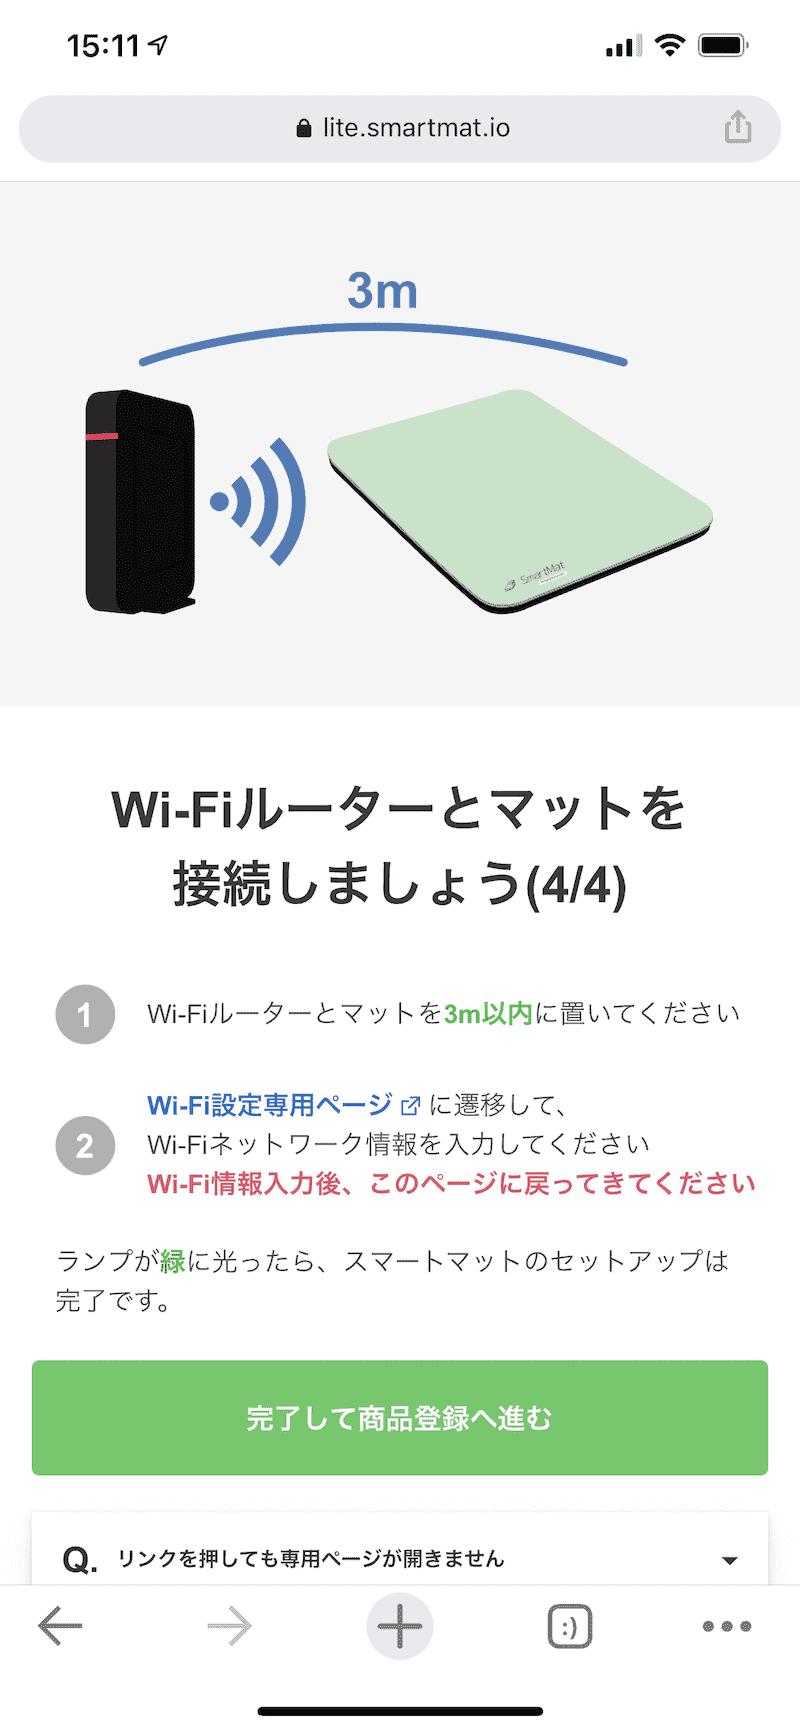 スマートマットライトのセットアップ手順のスクリーンショット